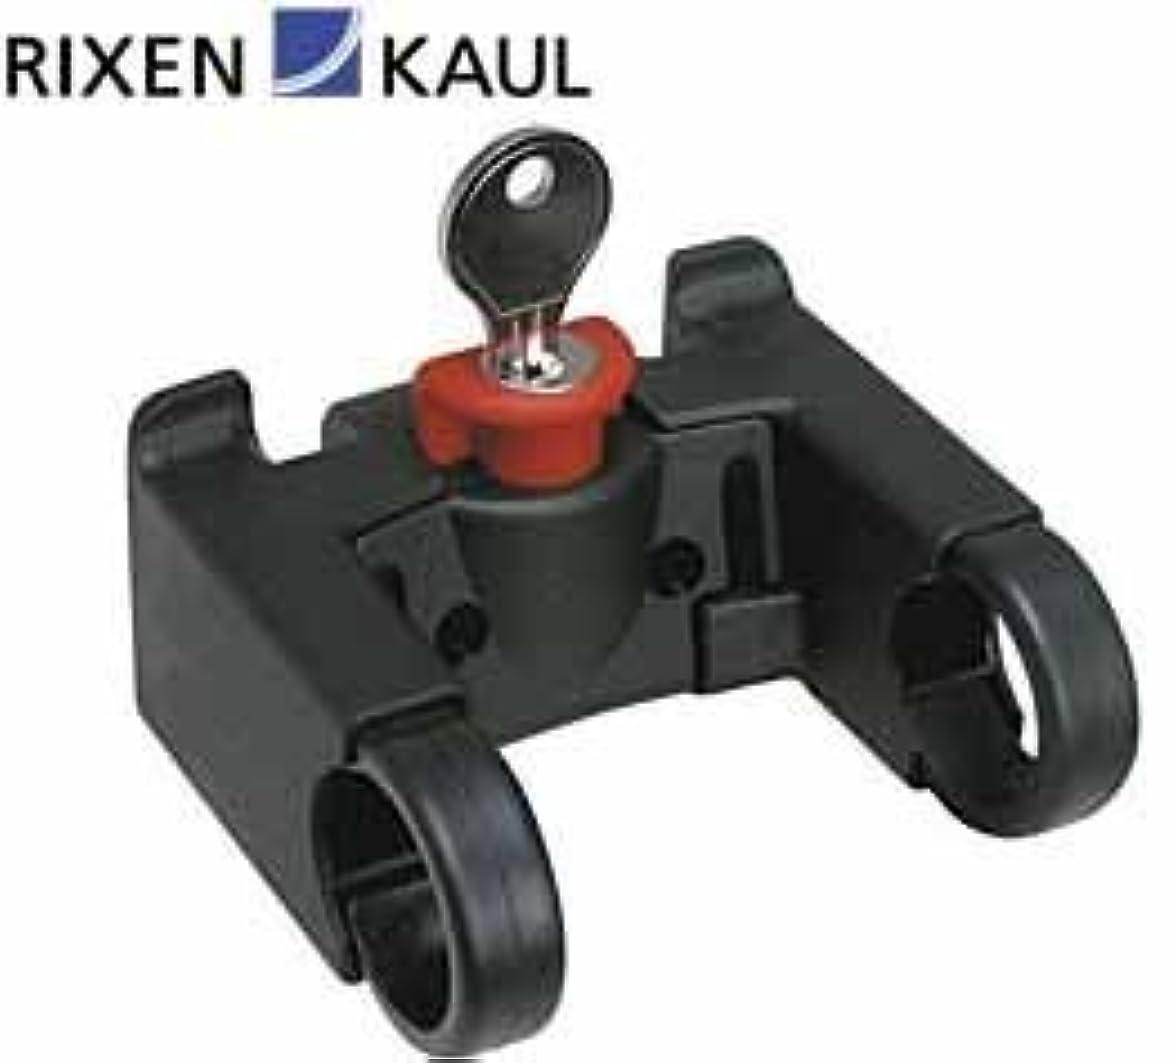 ドール群がるボスRIXEN KAUL (リクセンカウル) KF830 フロントアタッチメント 鍵付き カゴ オプションパーツ